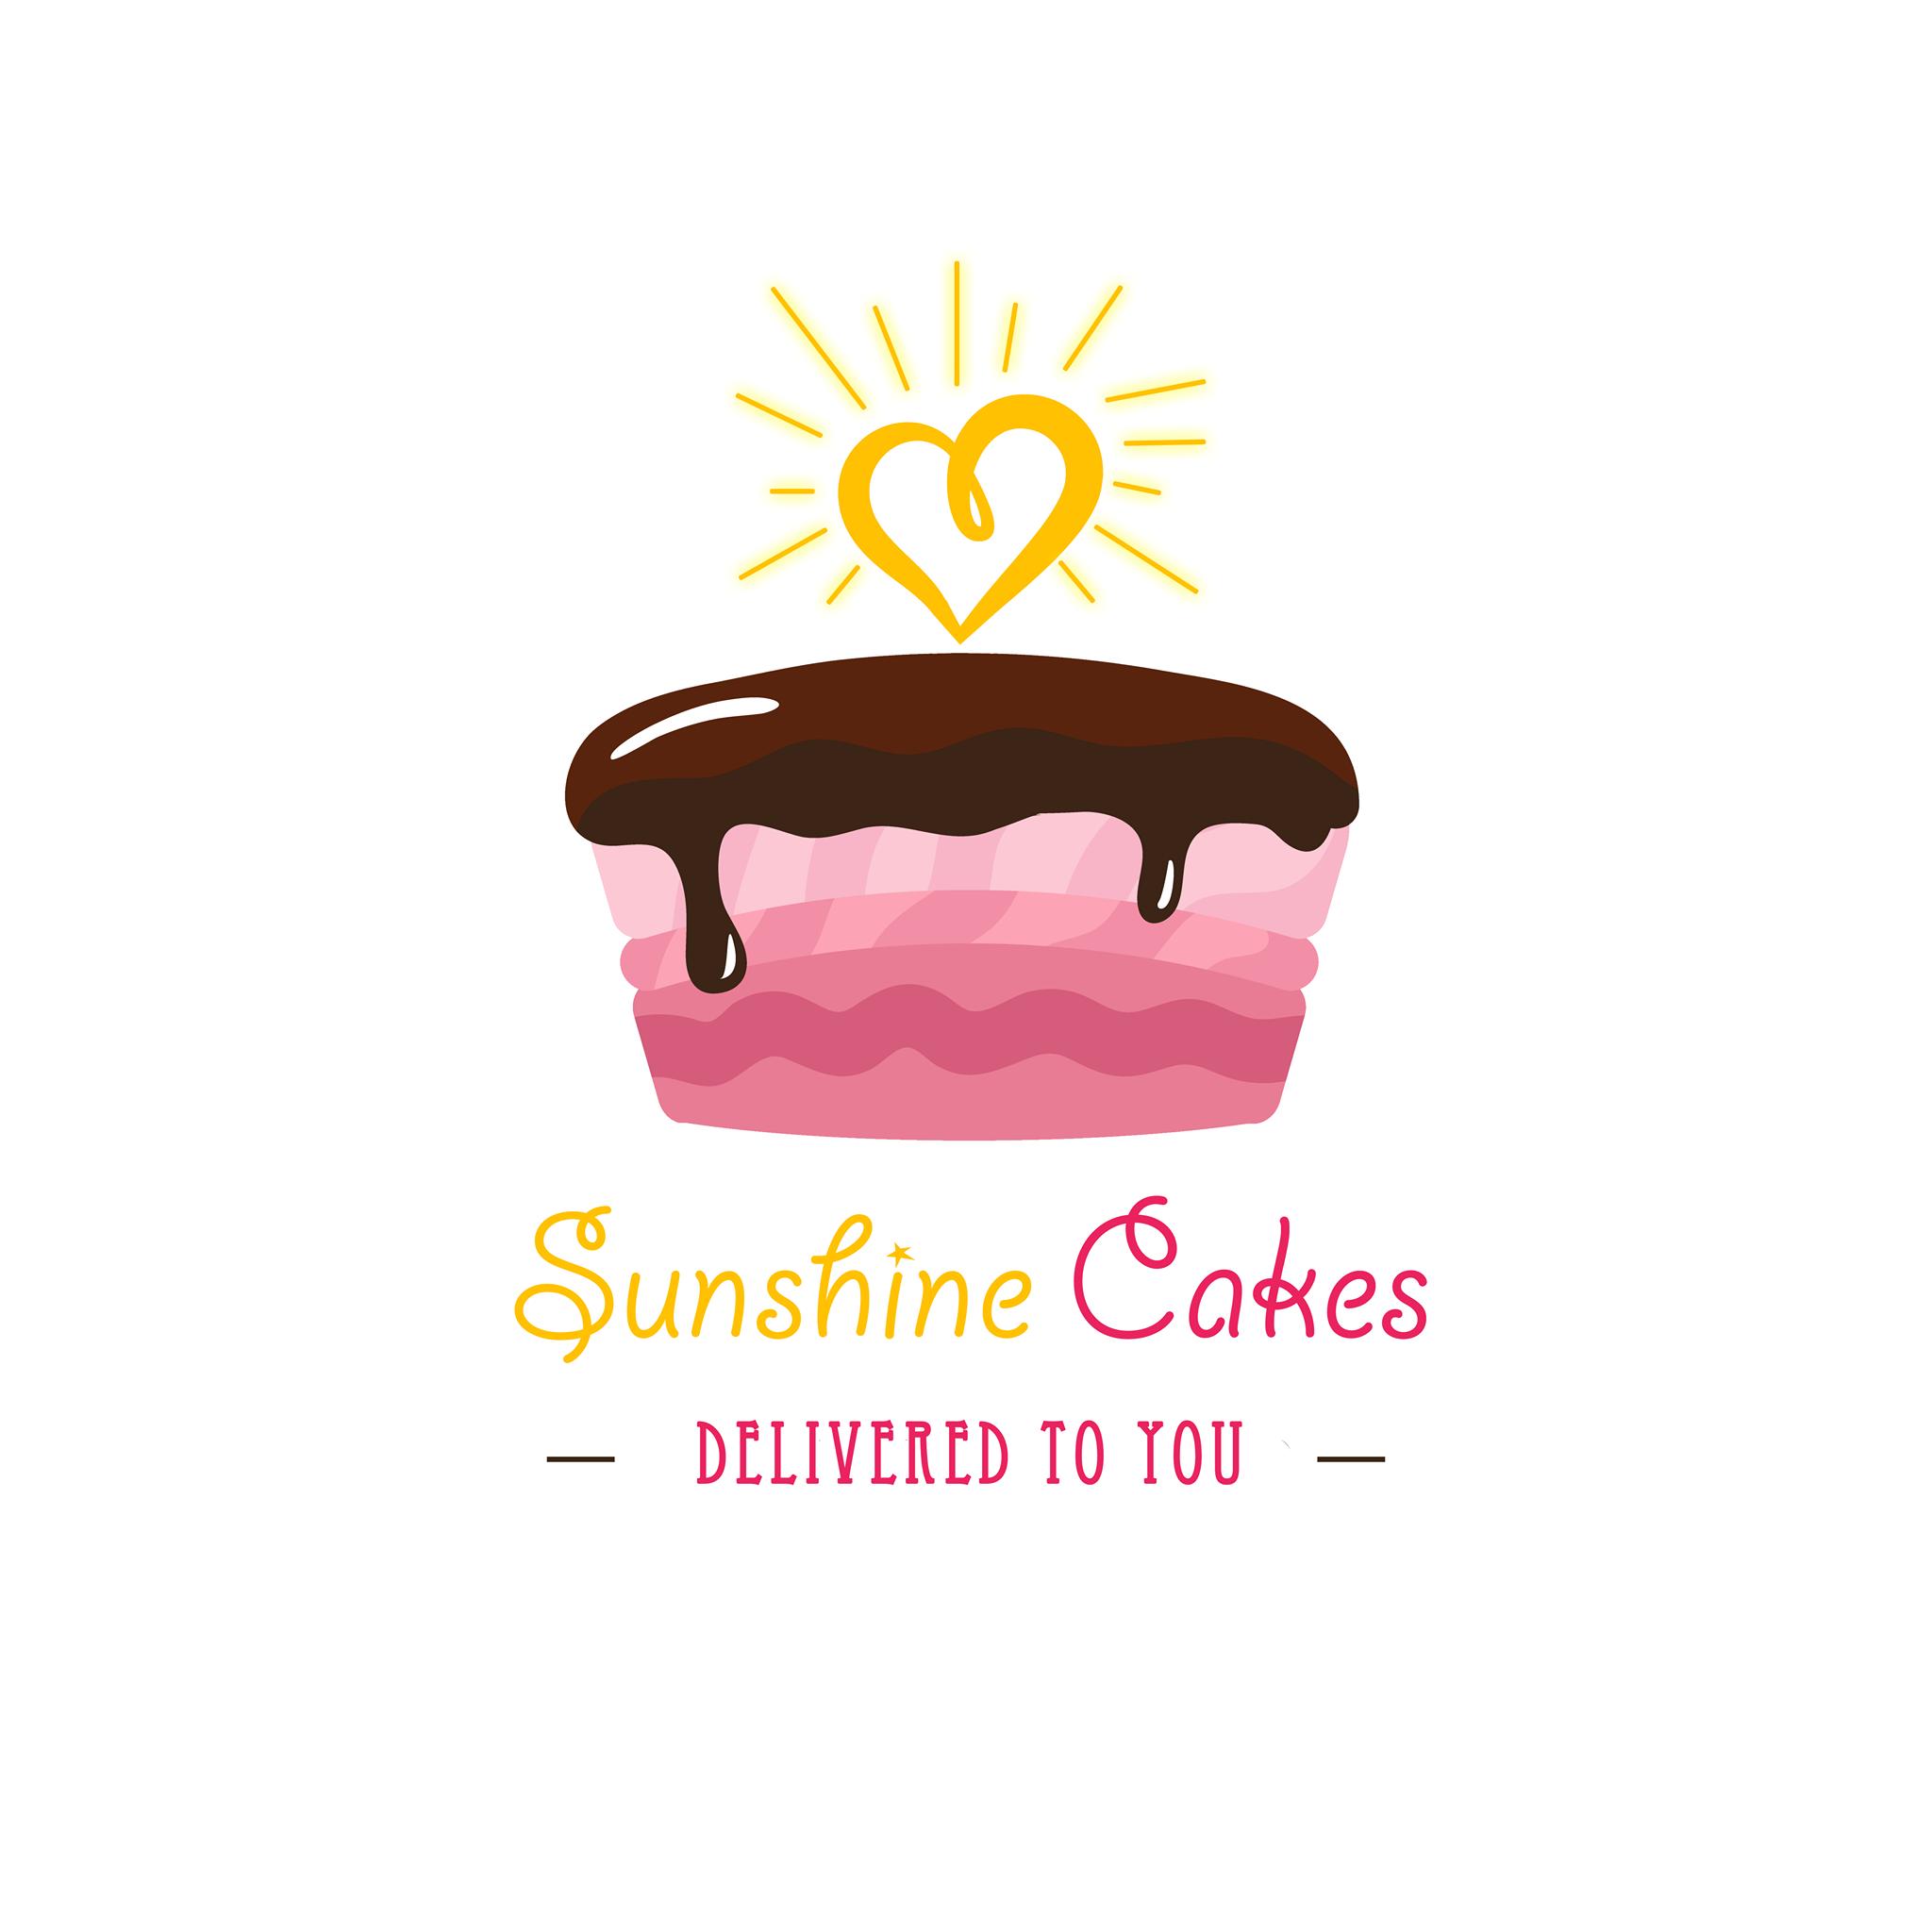 Sunshine Cakes -